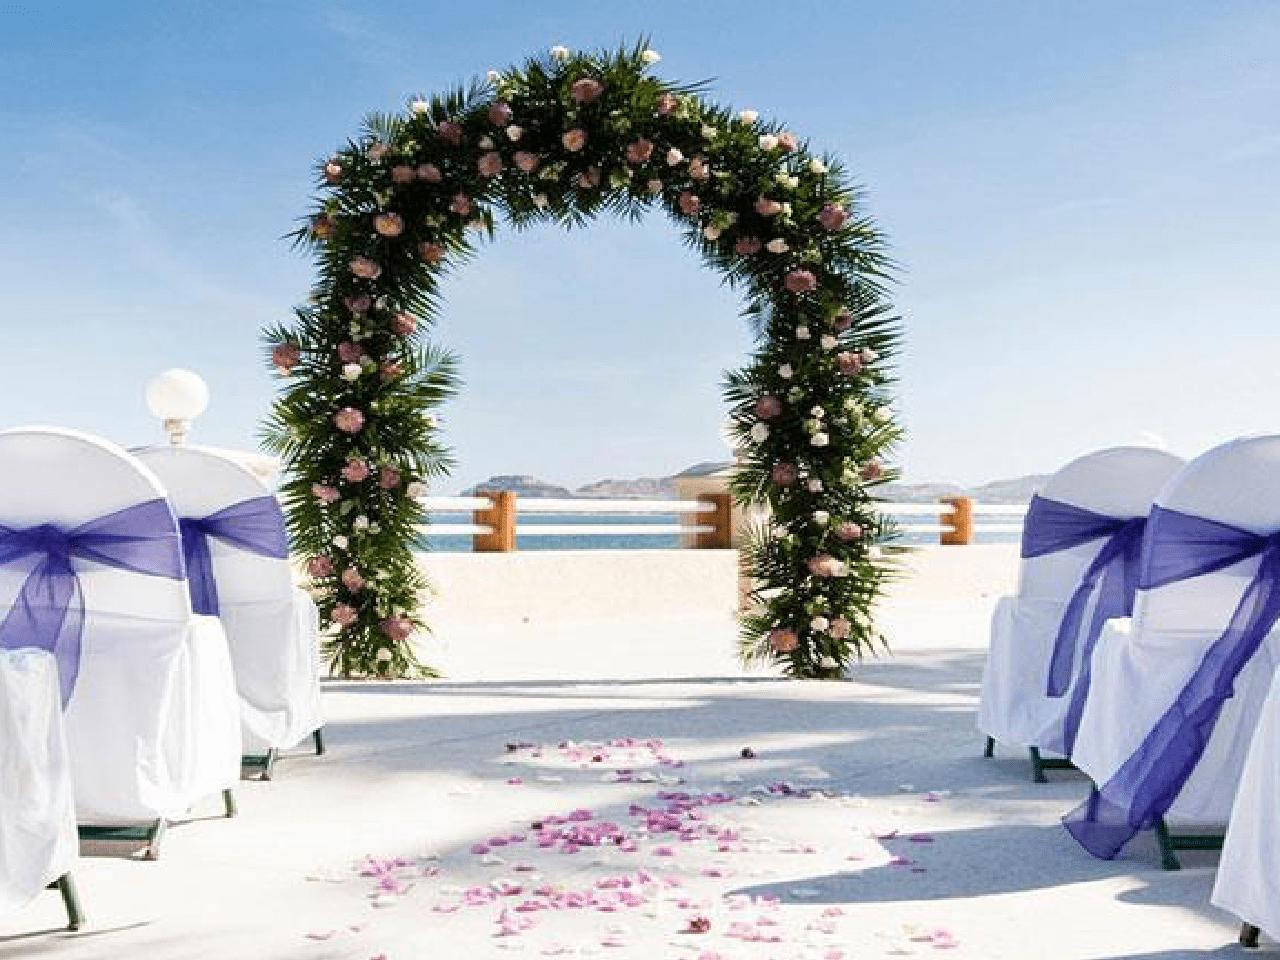 Bodas en la playa - arco d eboda